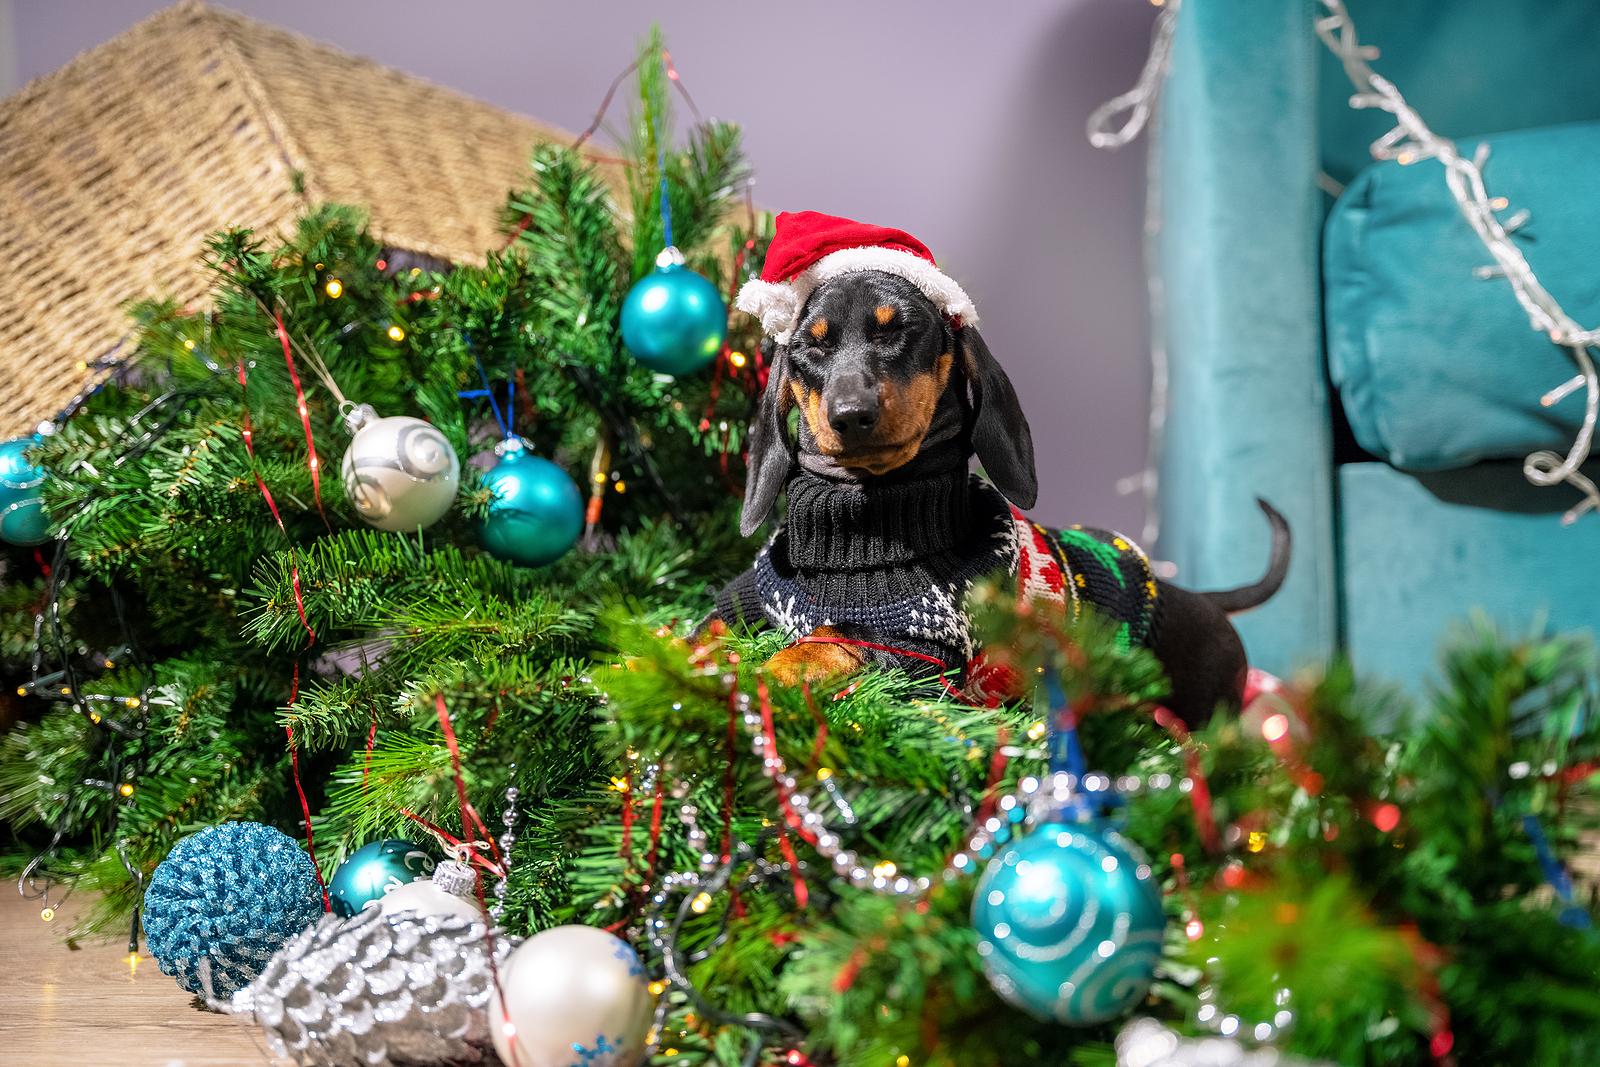 Hogyan tegyük örömtelivé és biztonságossá a karácsonyt a kutyák számára?